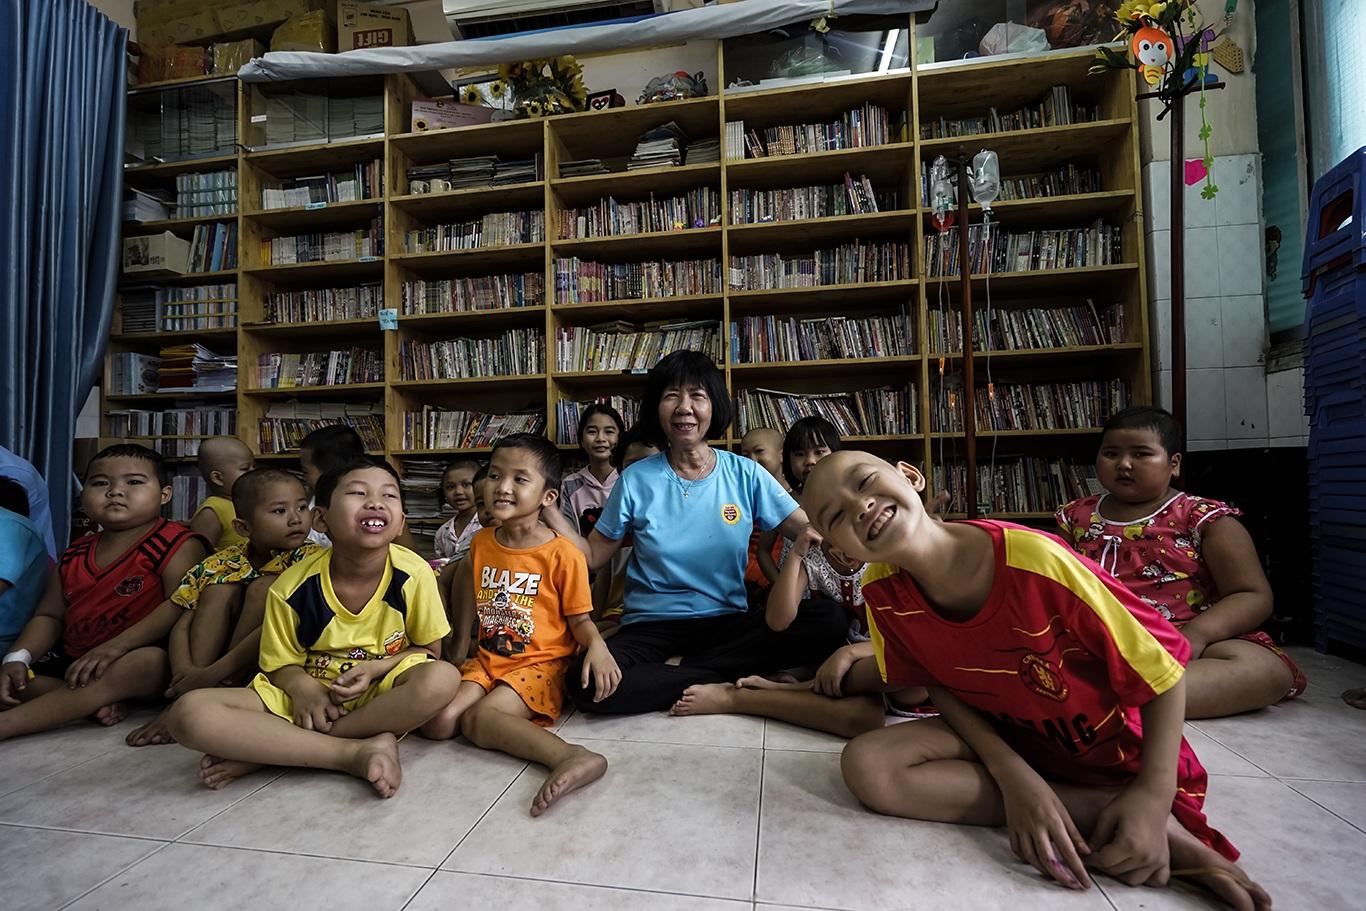 Cô giáo một thập kỷ ở lớp học trò qua đời, cô vẫn phải mỉm cười - 15